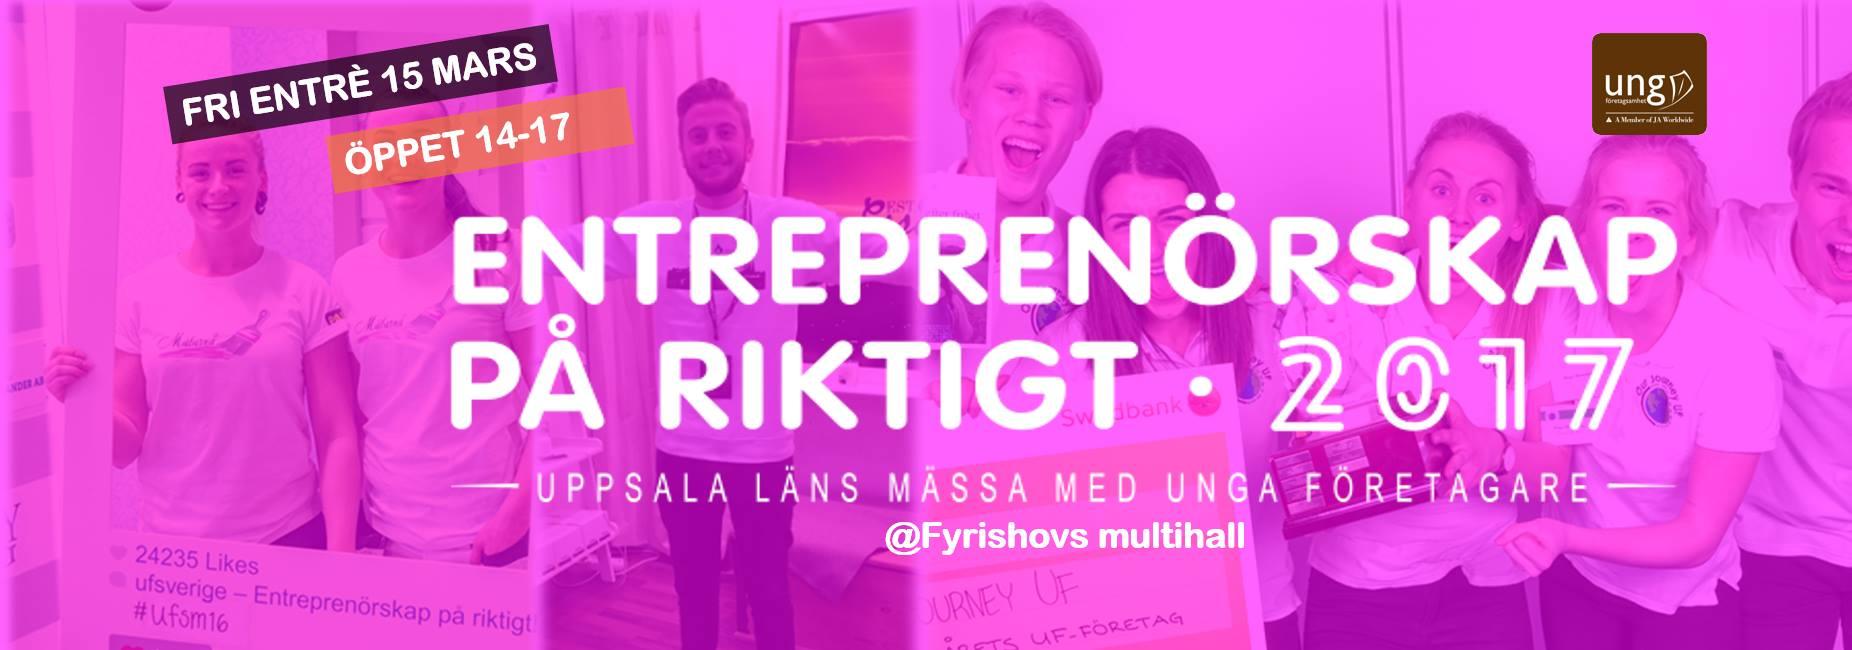 Entreprenörskap på riktigt Uppsala 2017